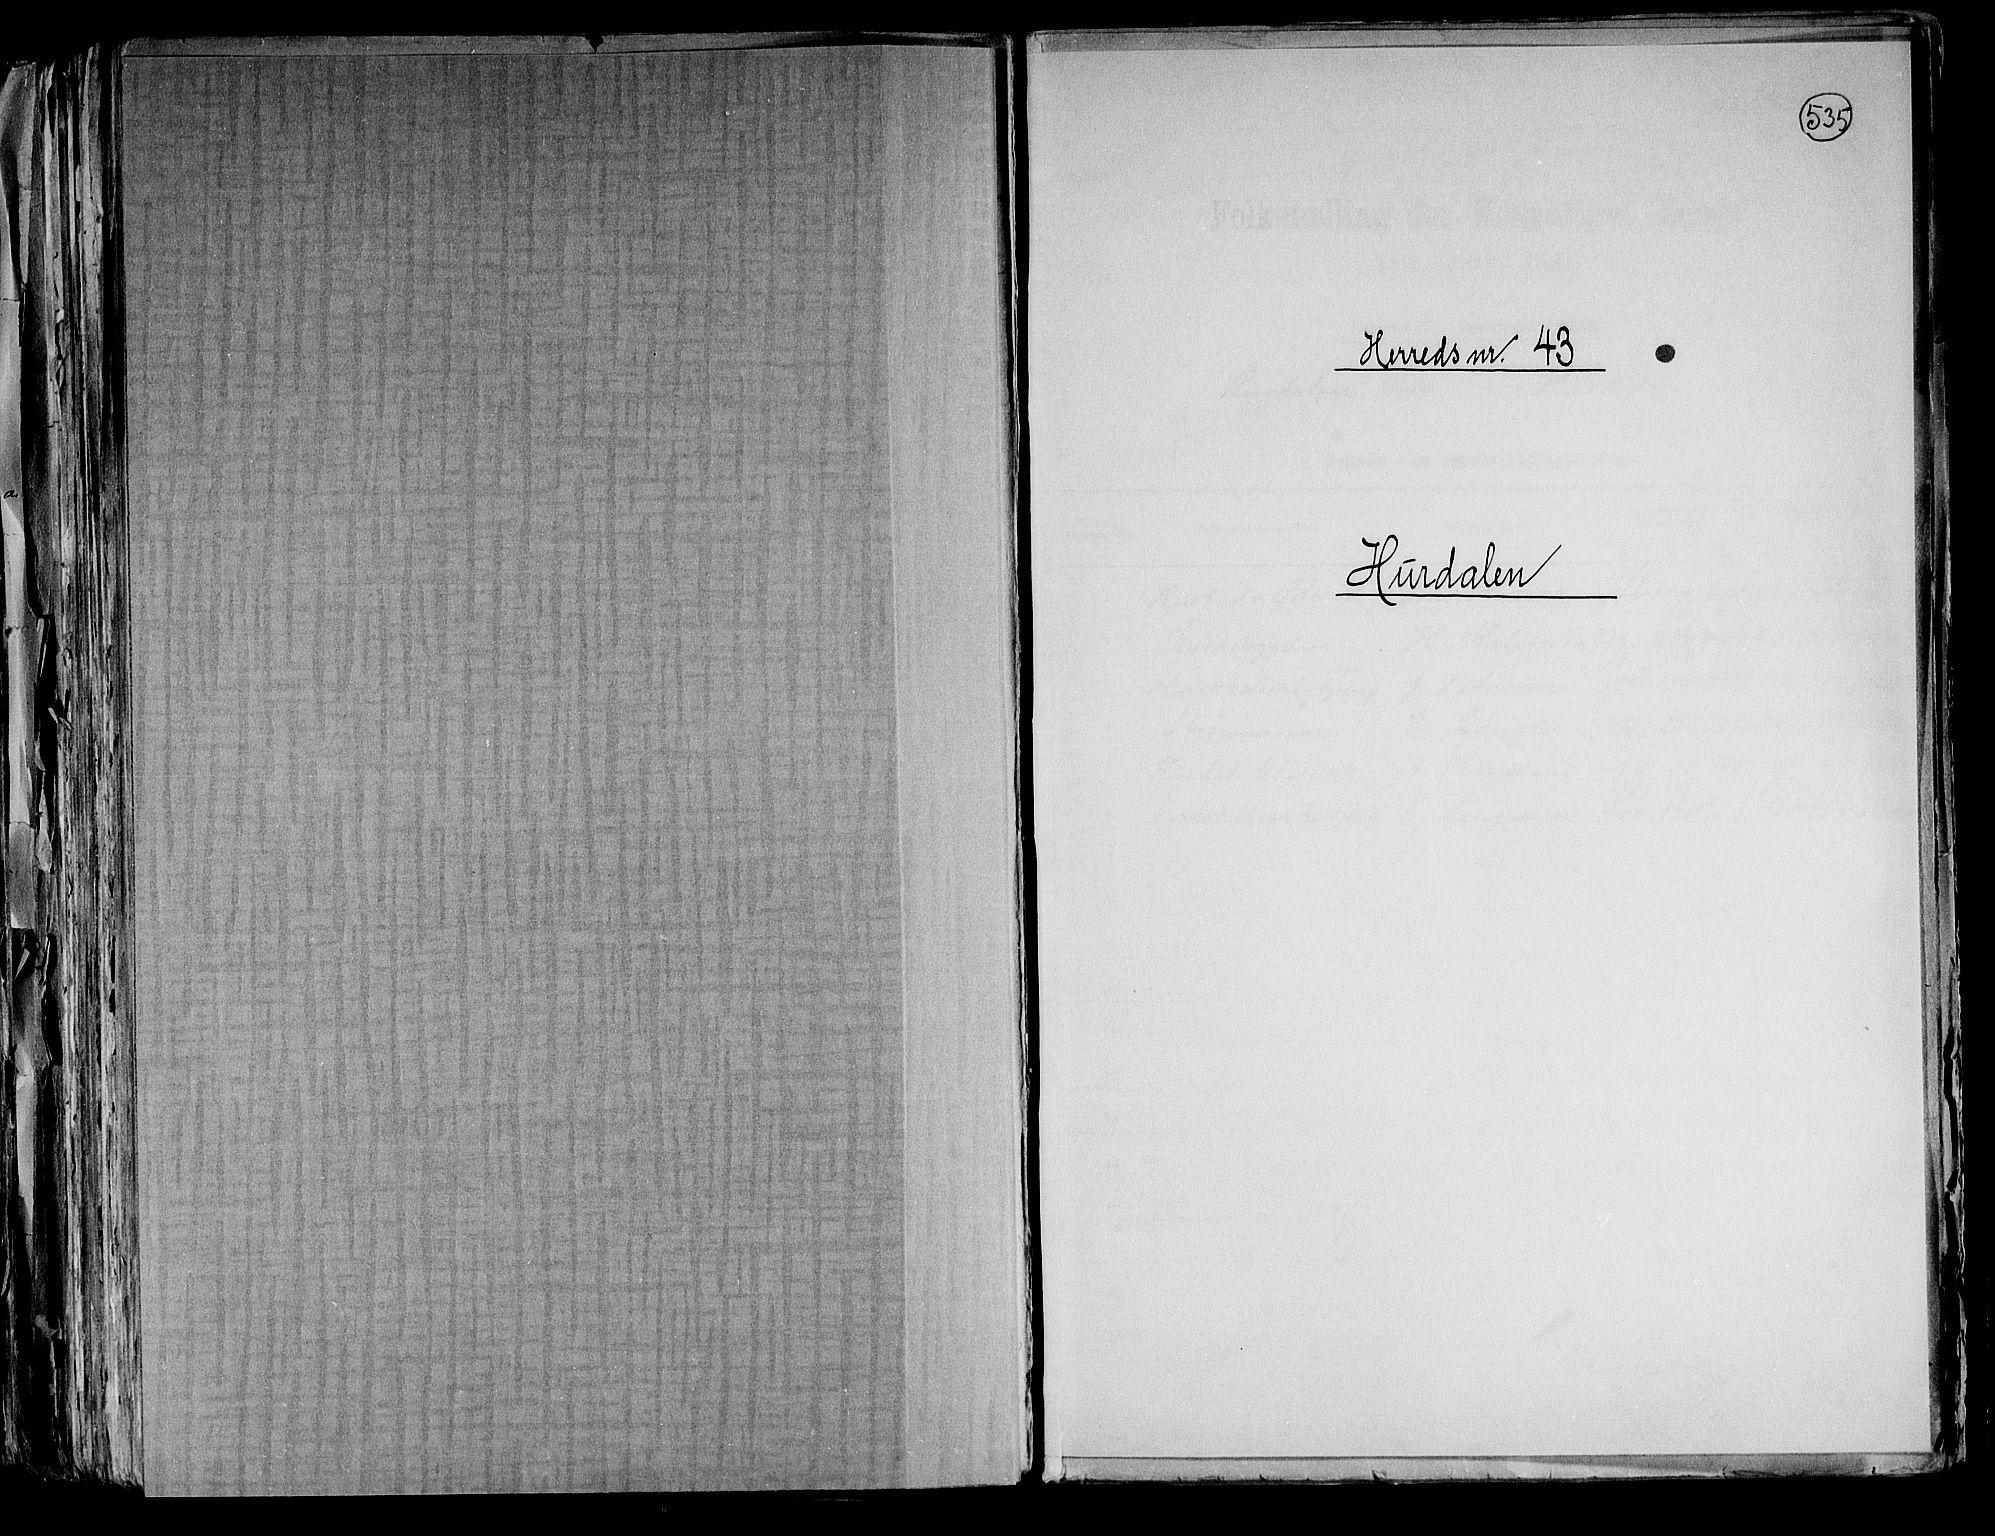 RA, Folketelling 1891 for 0239 Hurdal herred, 1891, s. 1